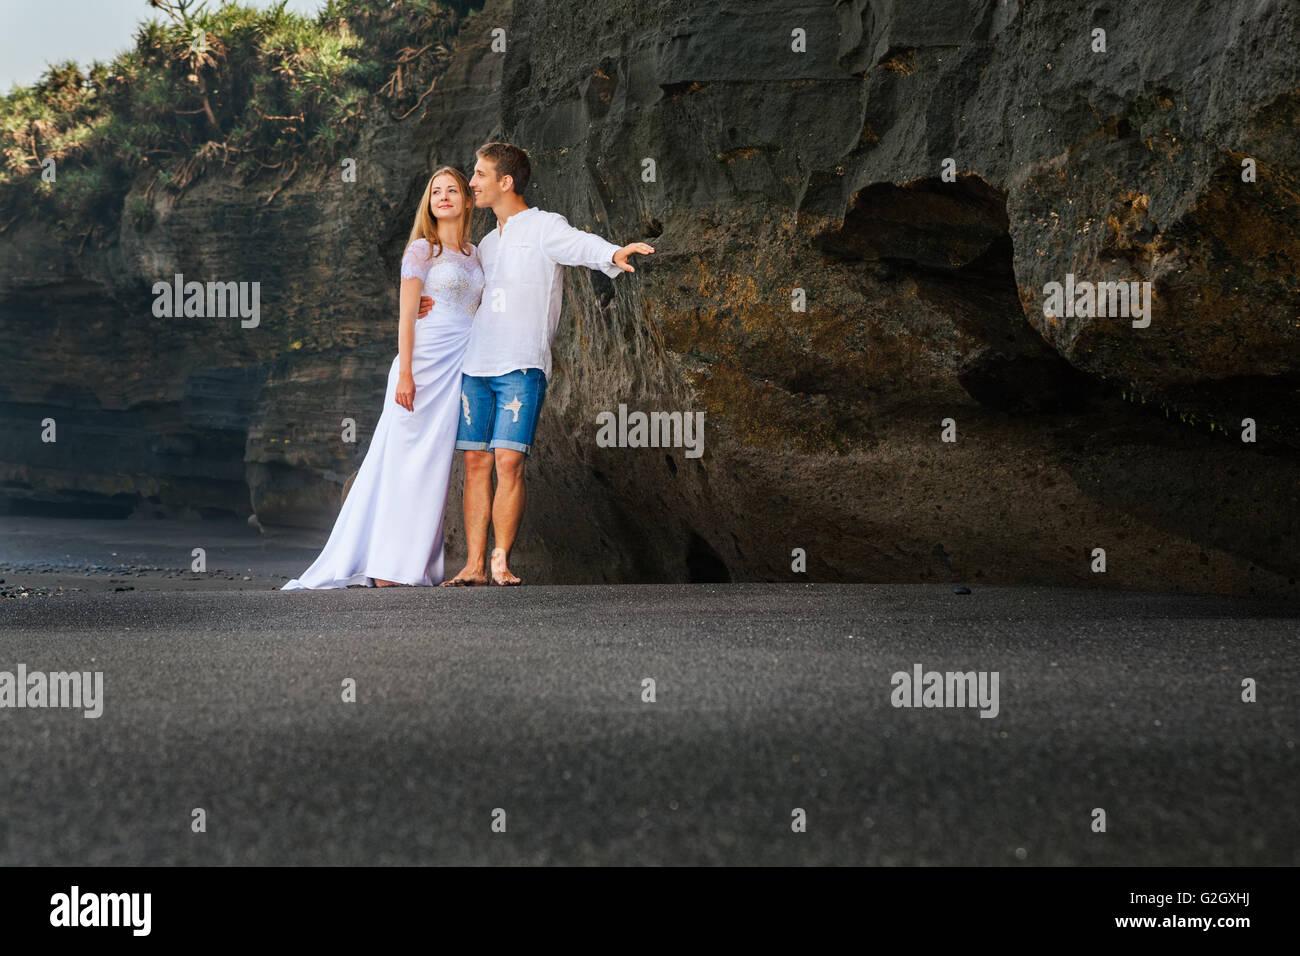 Feliz familia joven de luna de miel - vacaciones de recién casados amar al hombre y mujer abrazar en la playa Imagen De Stock